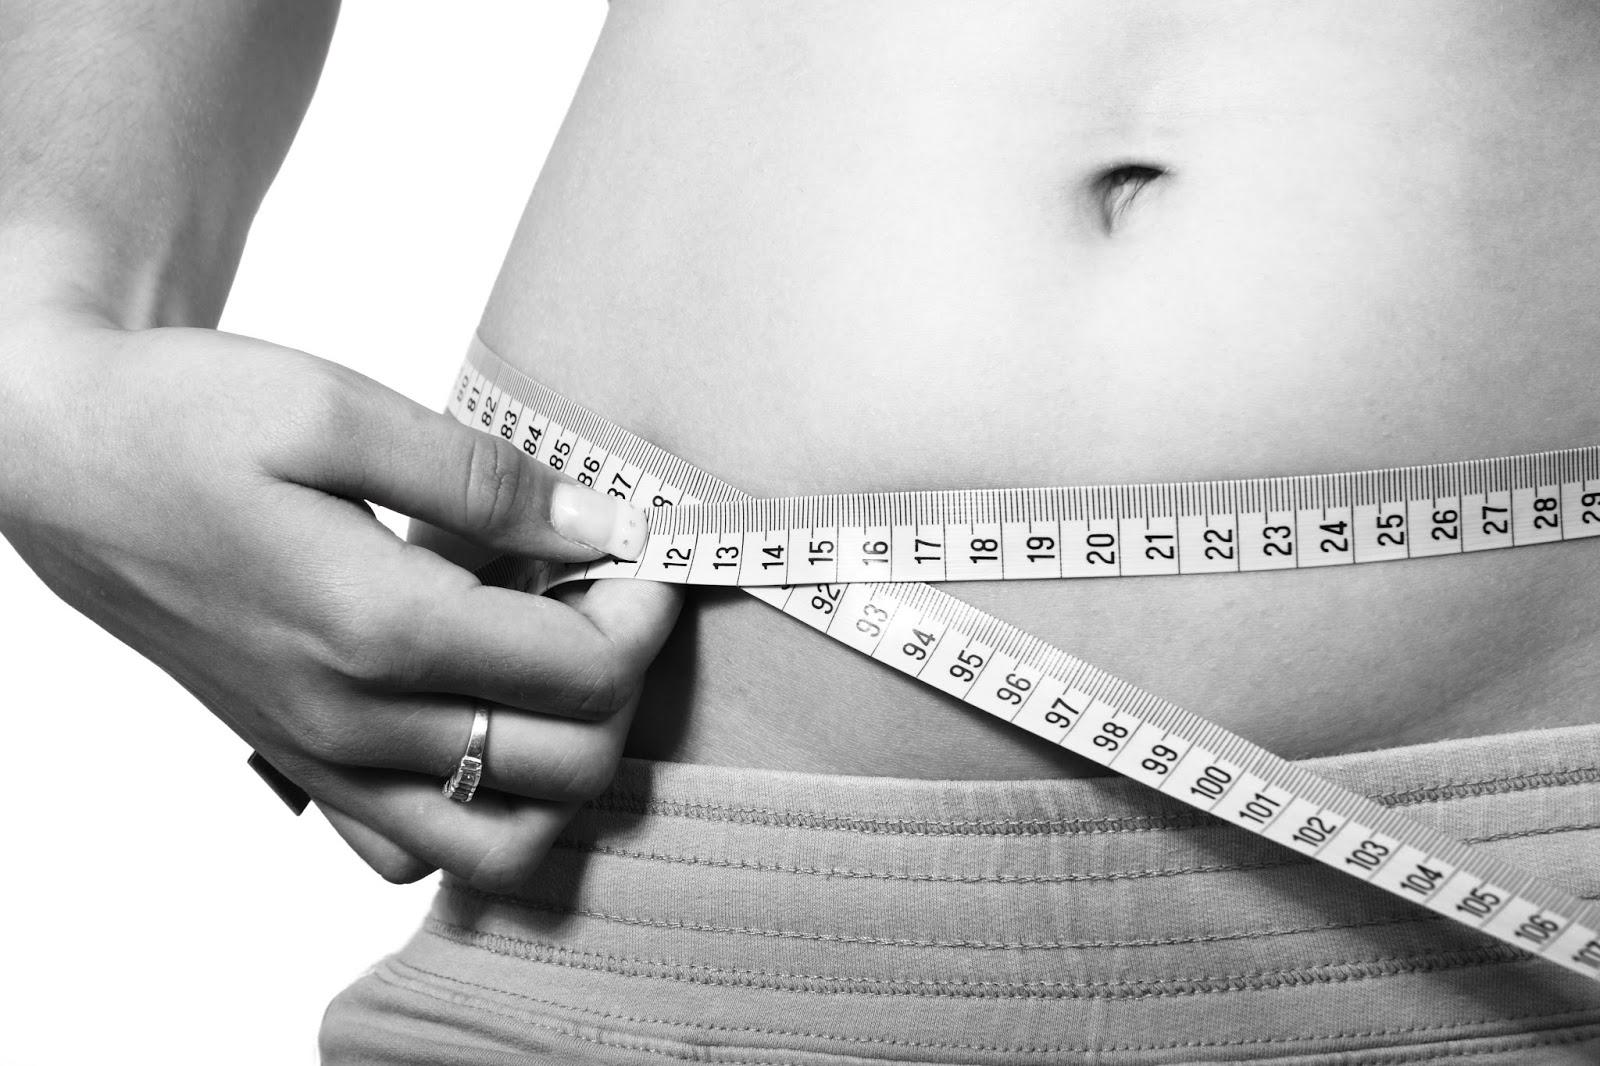 perte de poids dr en okc perdre du poids mais garder la force